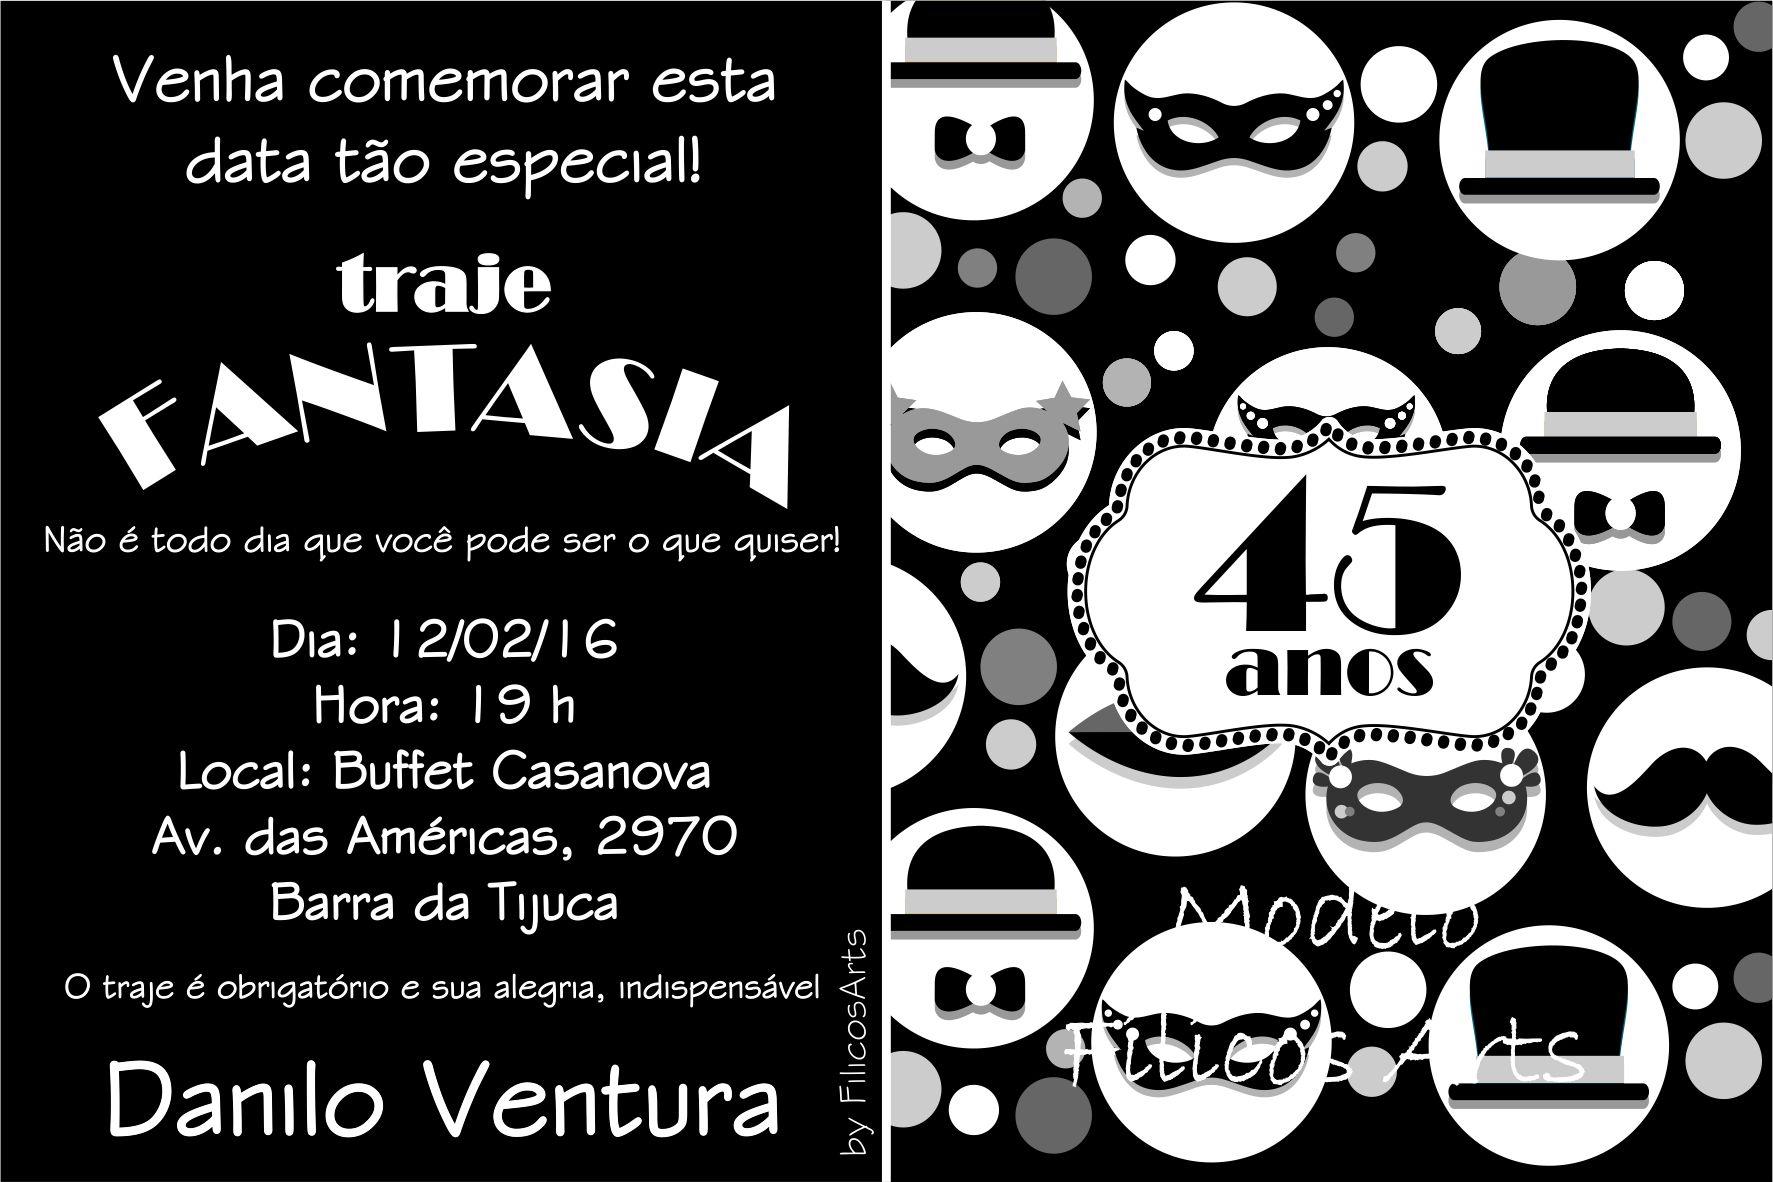 Convite Virtual Festa A Fantasia Elo7